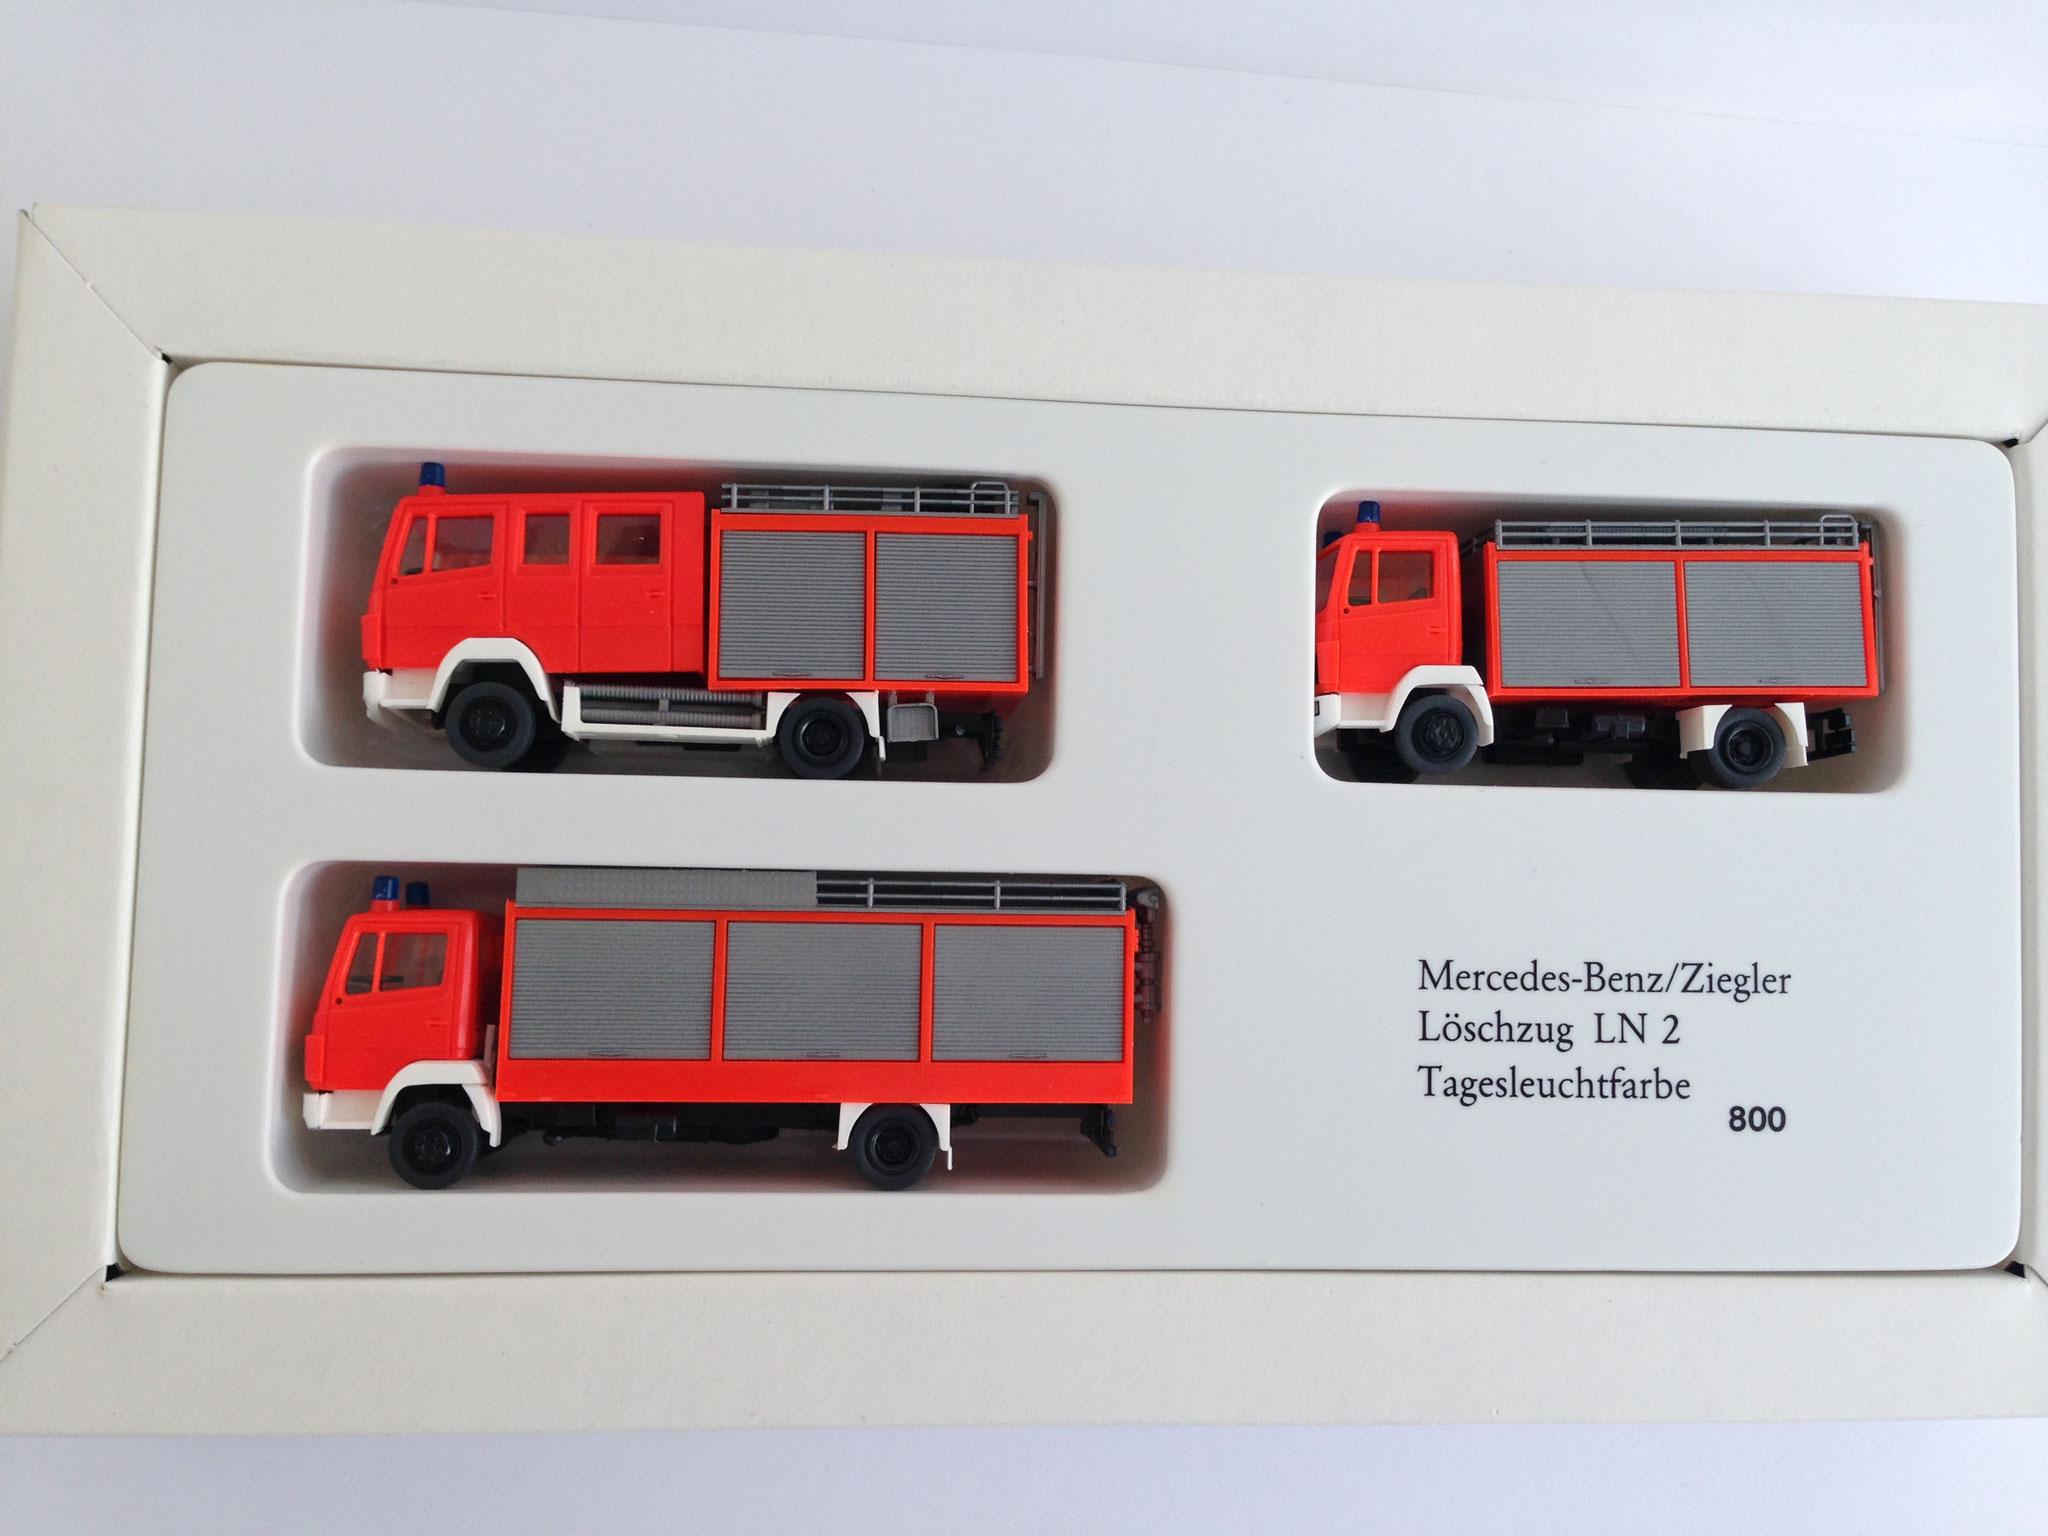 Set Feuerwehr in Tagesleuchtfarben, 3 Modelle, Art. Nr. 800 (ab 1987 im Programm)